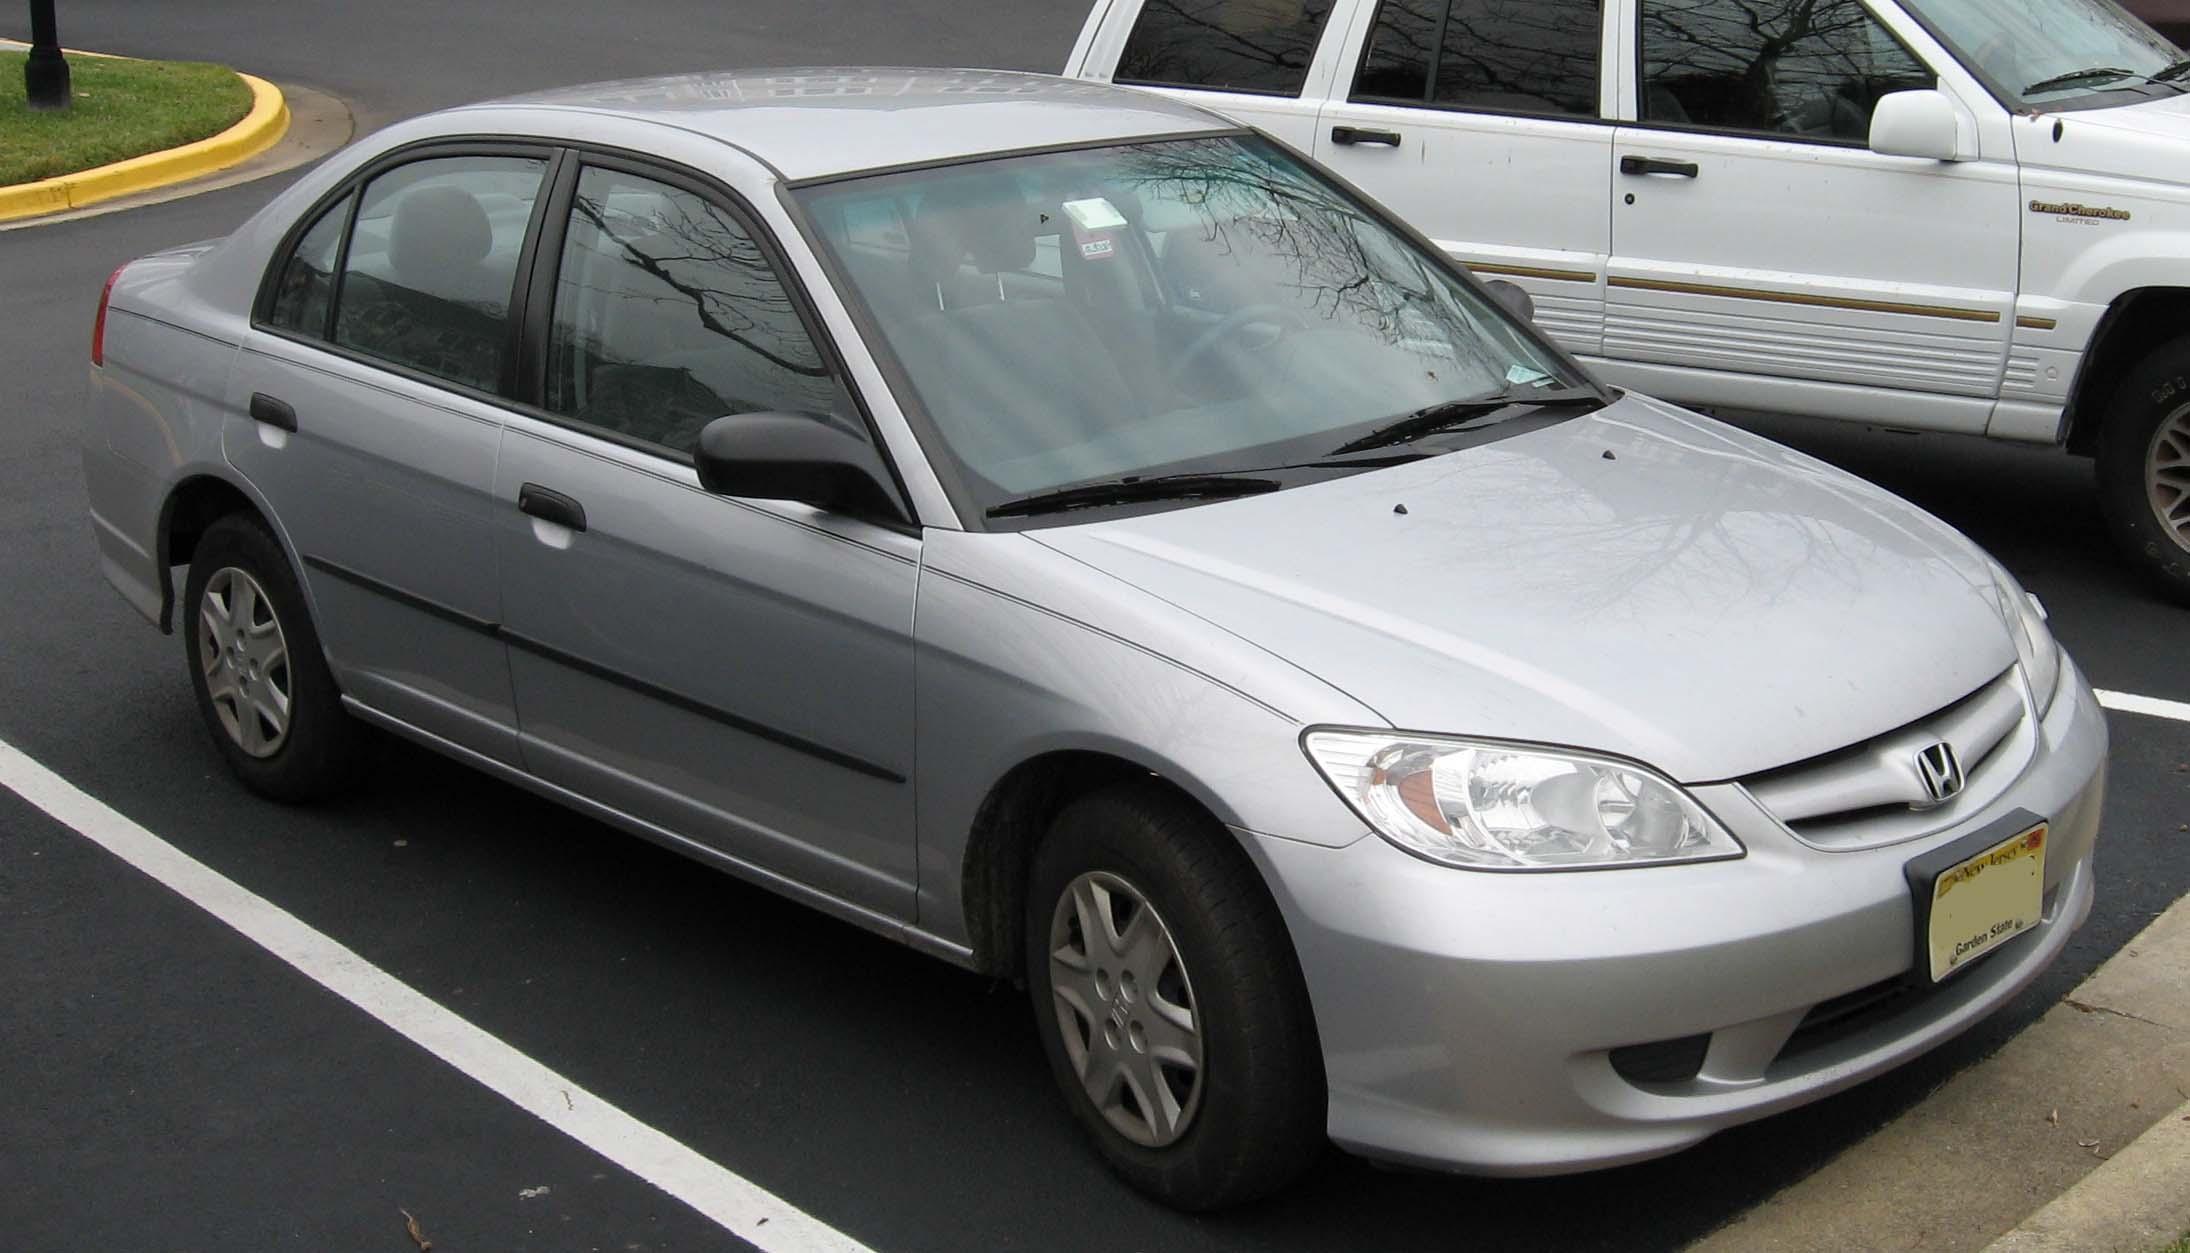 File:04-05 Honda Civic sedan.jpg - Wikimedia Commons